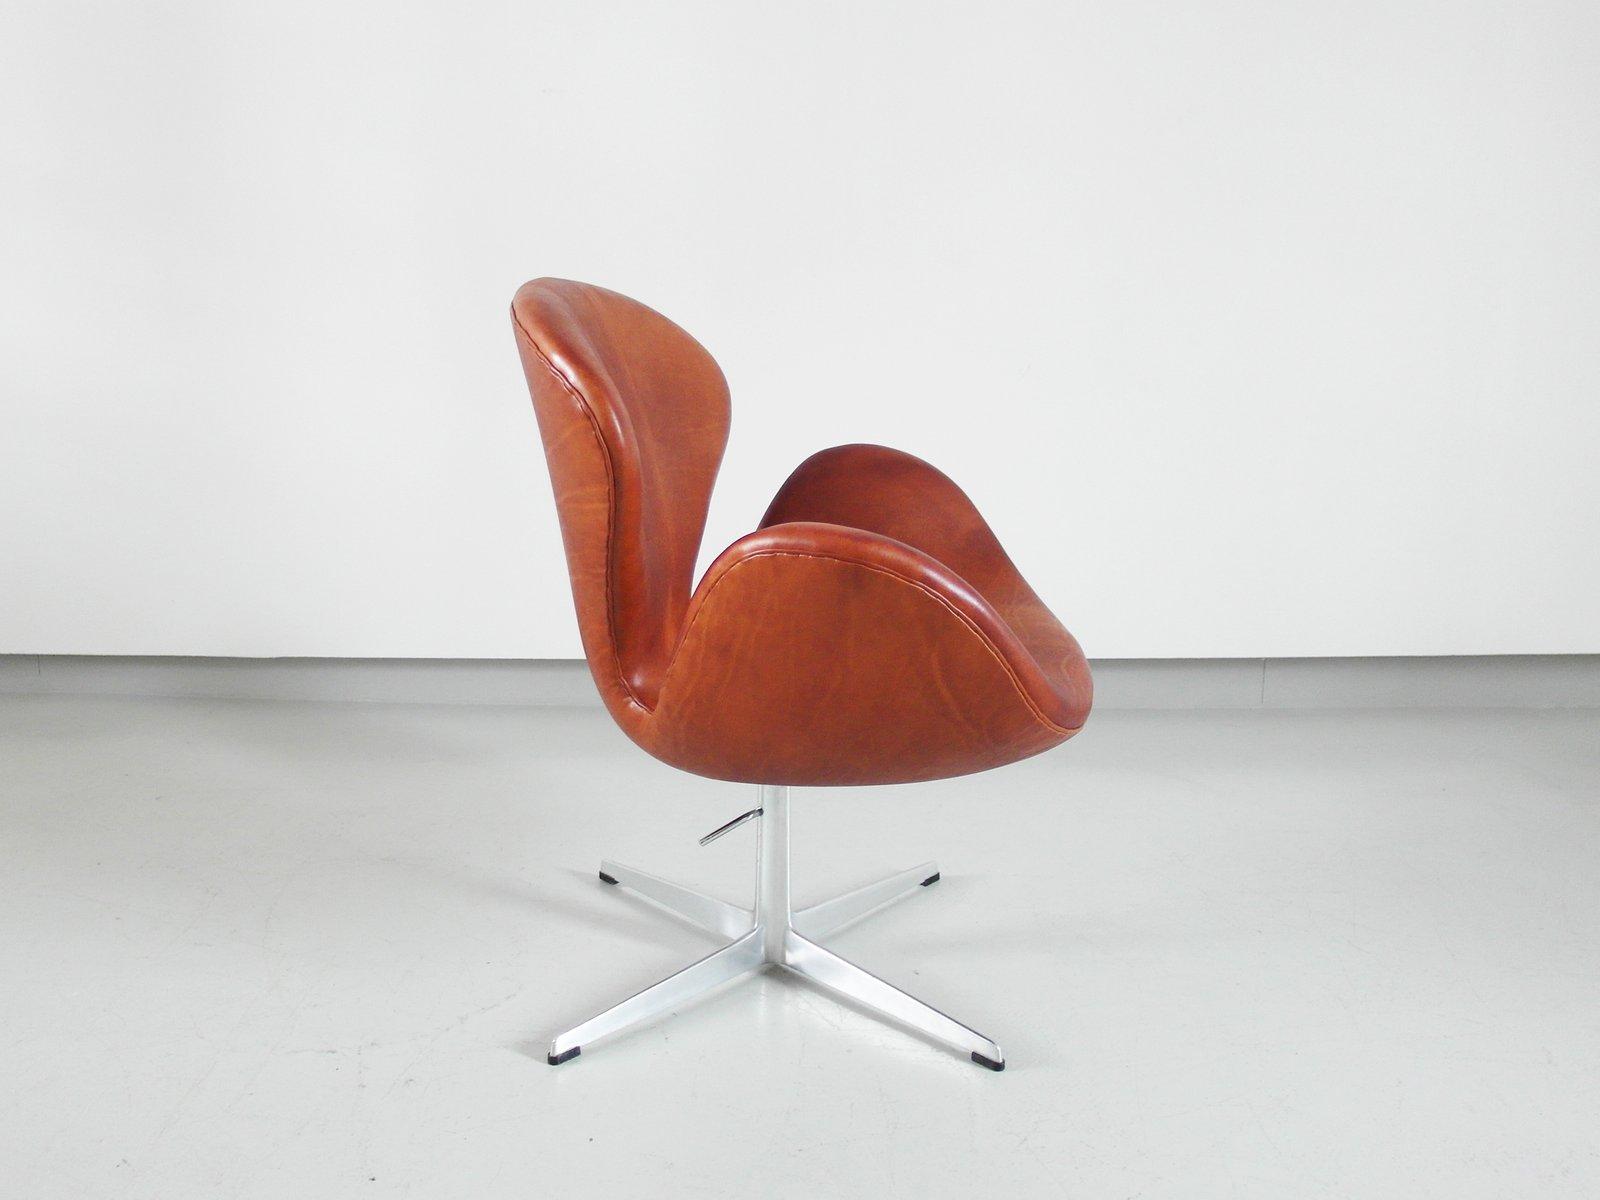 swan stuhl von arne jacobsen f r fritz hansen 1975 bei. Black Bedroom Furniture Sets. Home Design Ideas